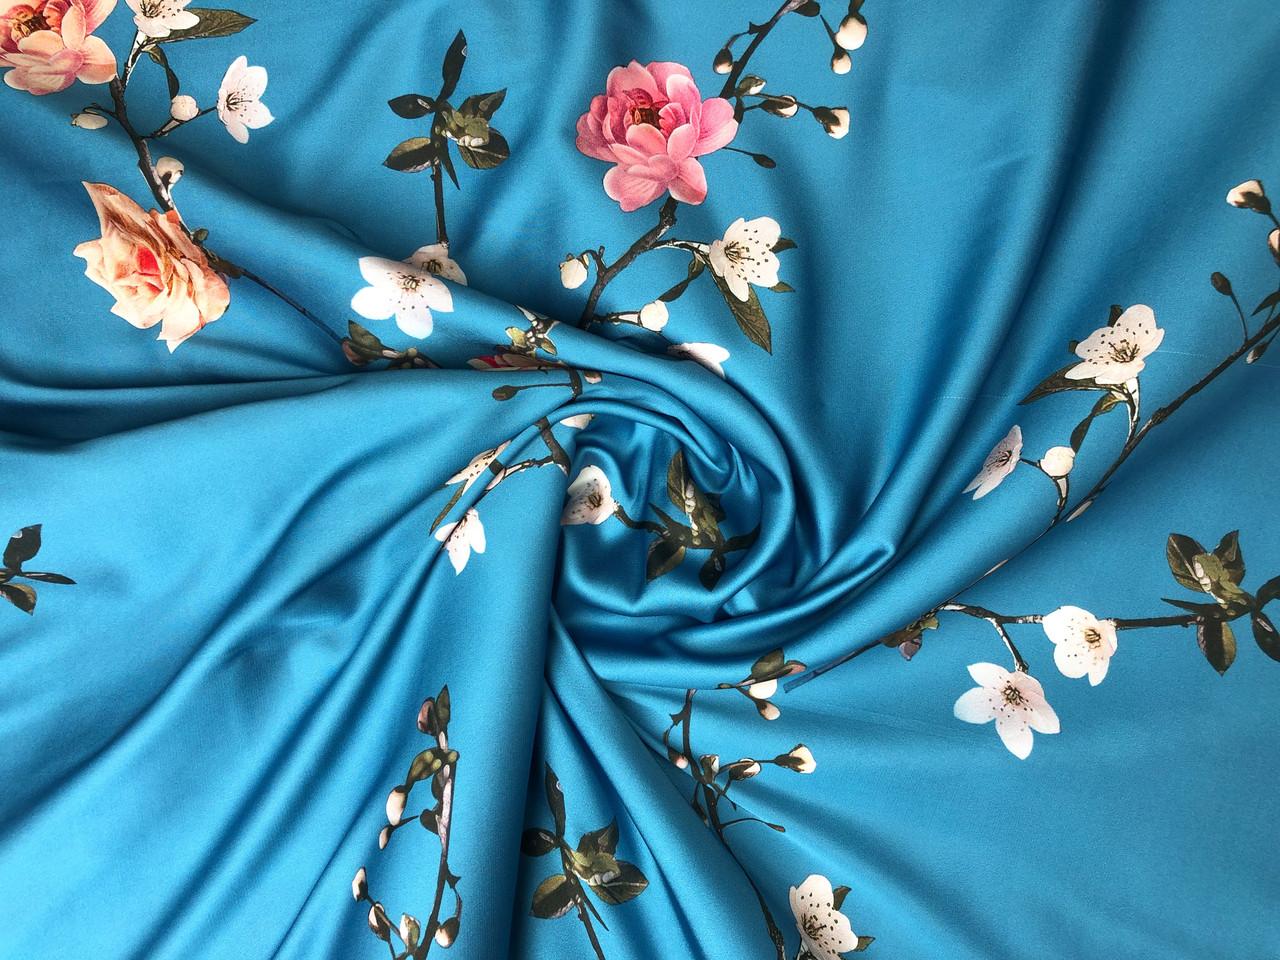 Шелк сатин весенний сад, голубая бирюза